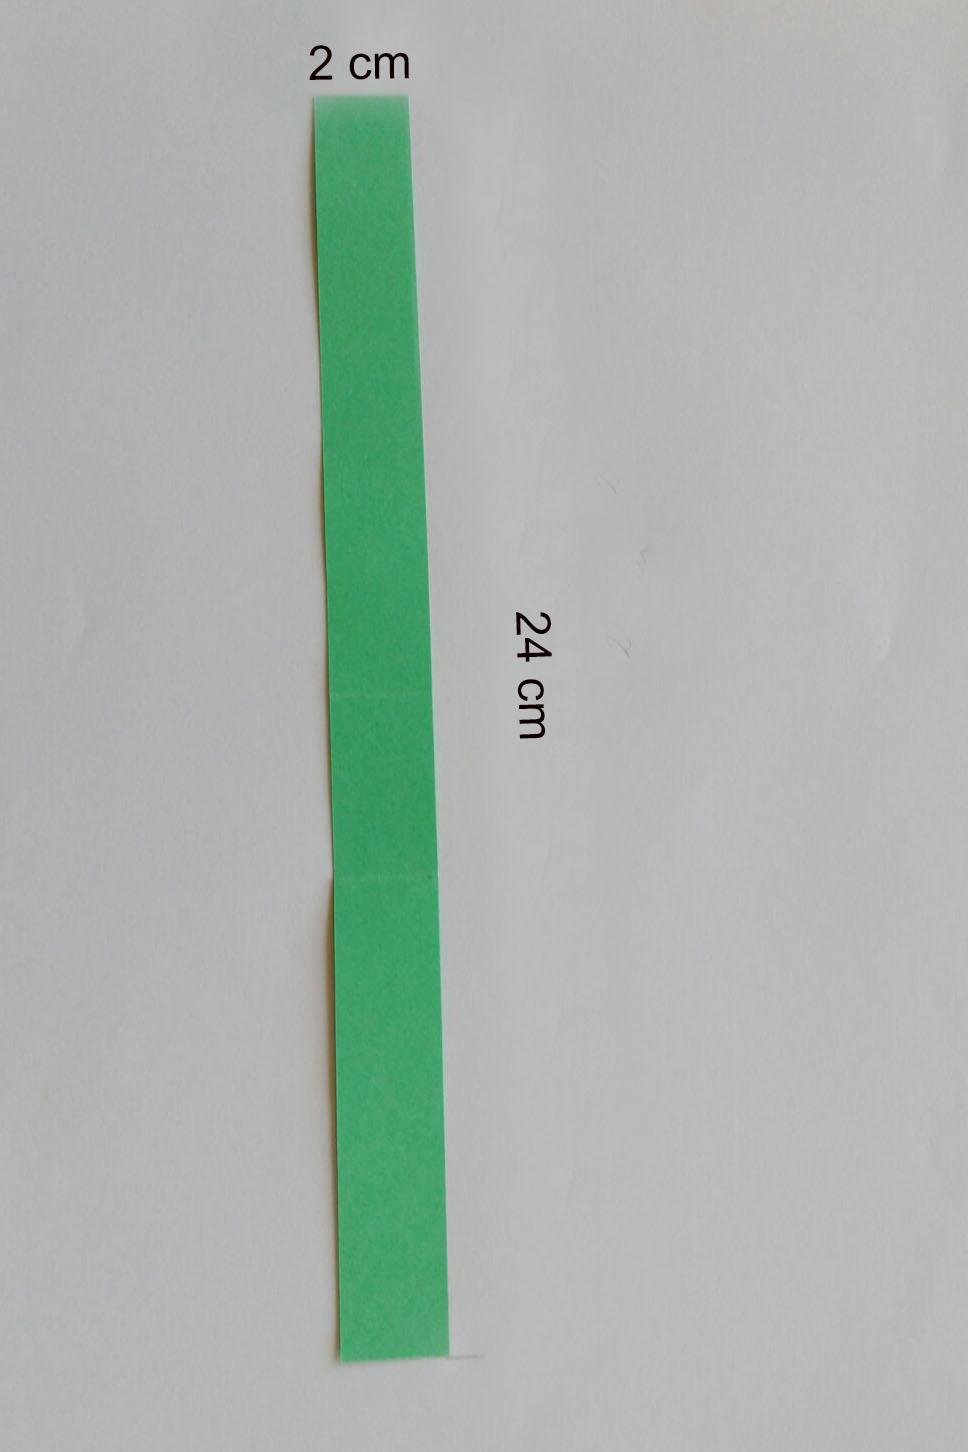 Schneidet einen Streifen aus dem grünen Tonzeichenpapier in der Größe 2 cm x 24 cm. Knickt ihn in der Mitte.